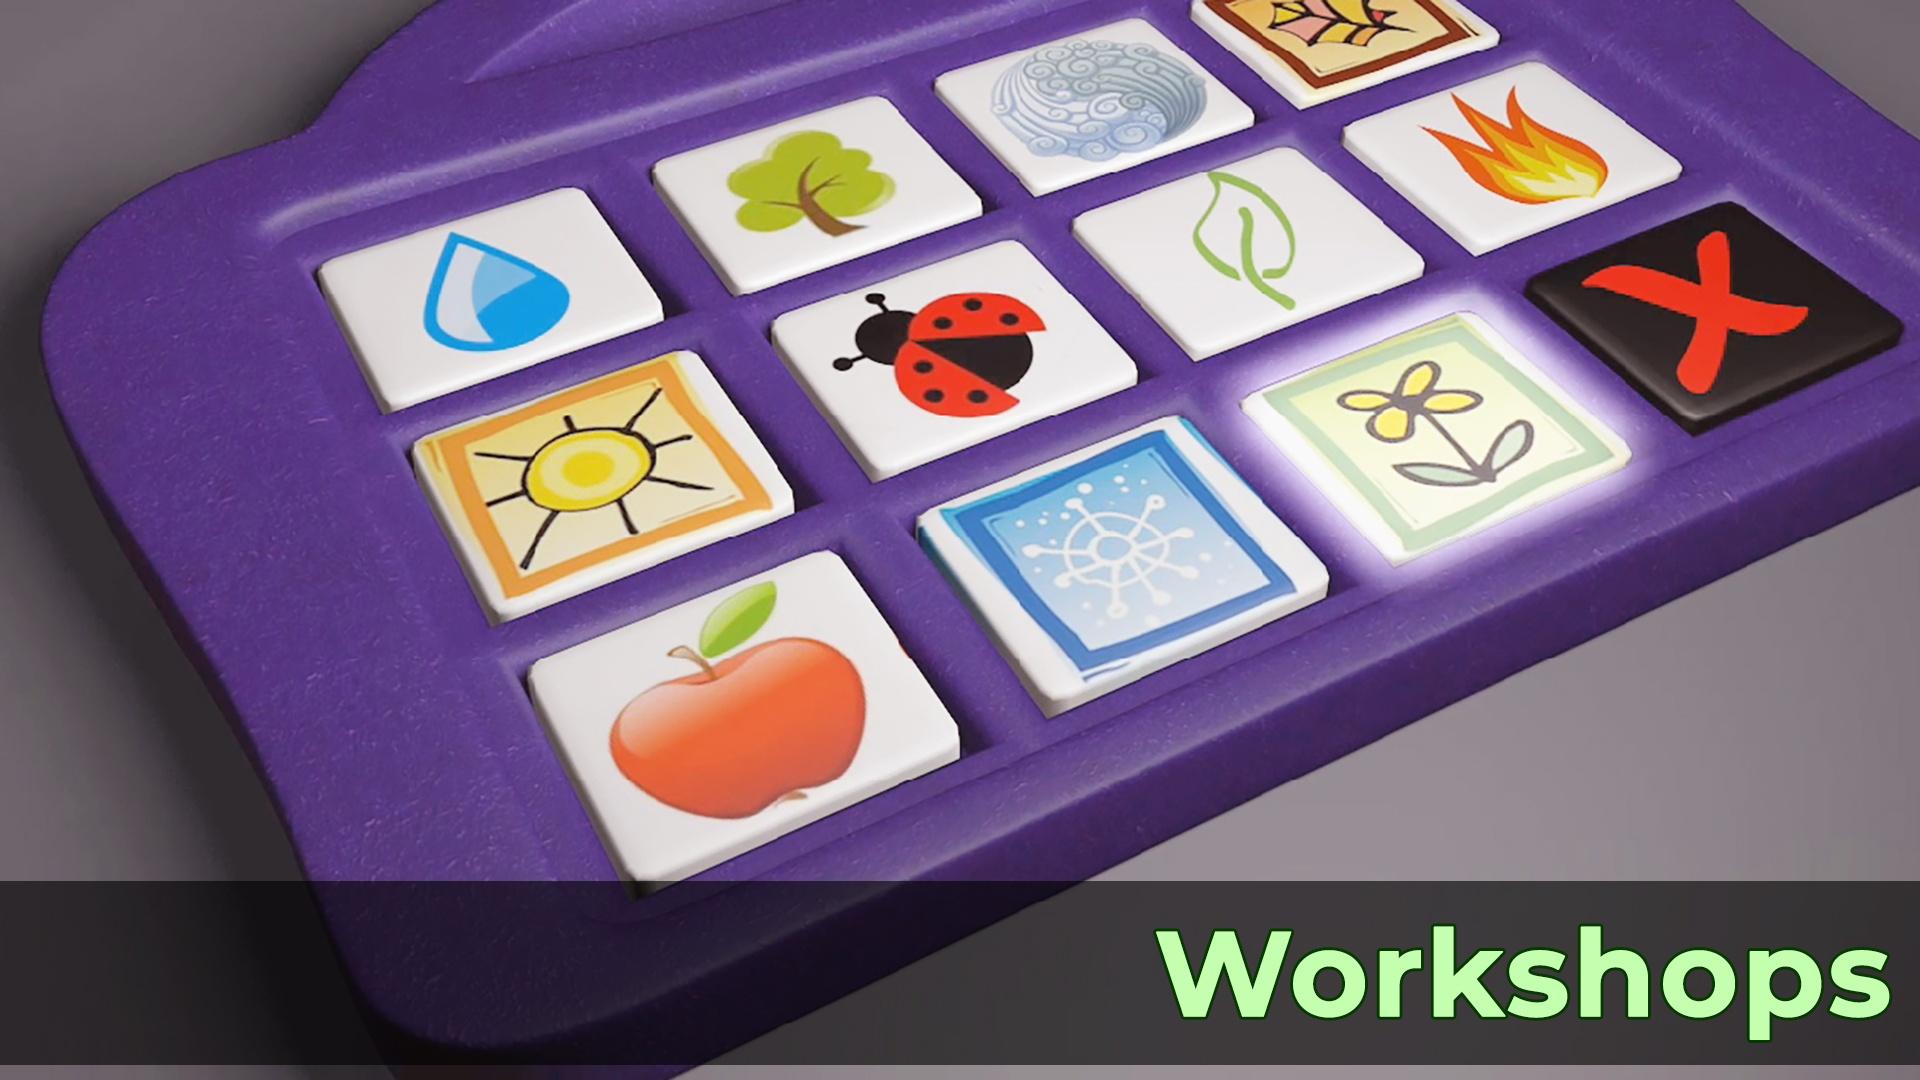 05. Workshops